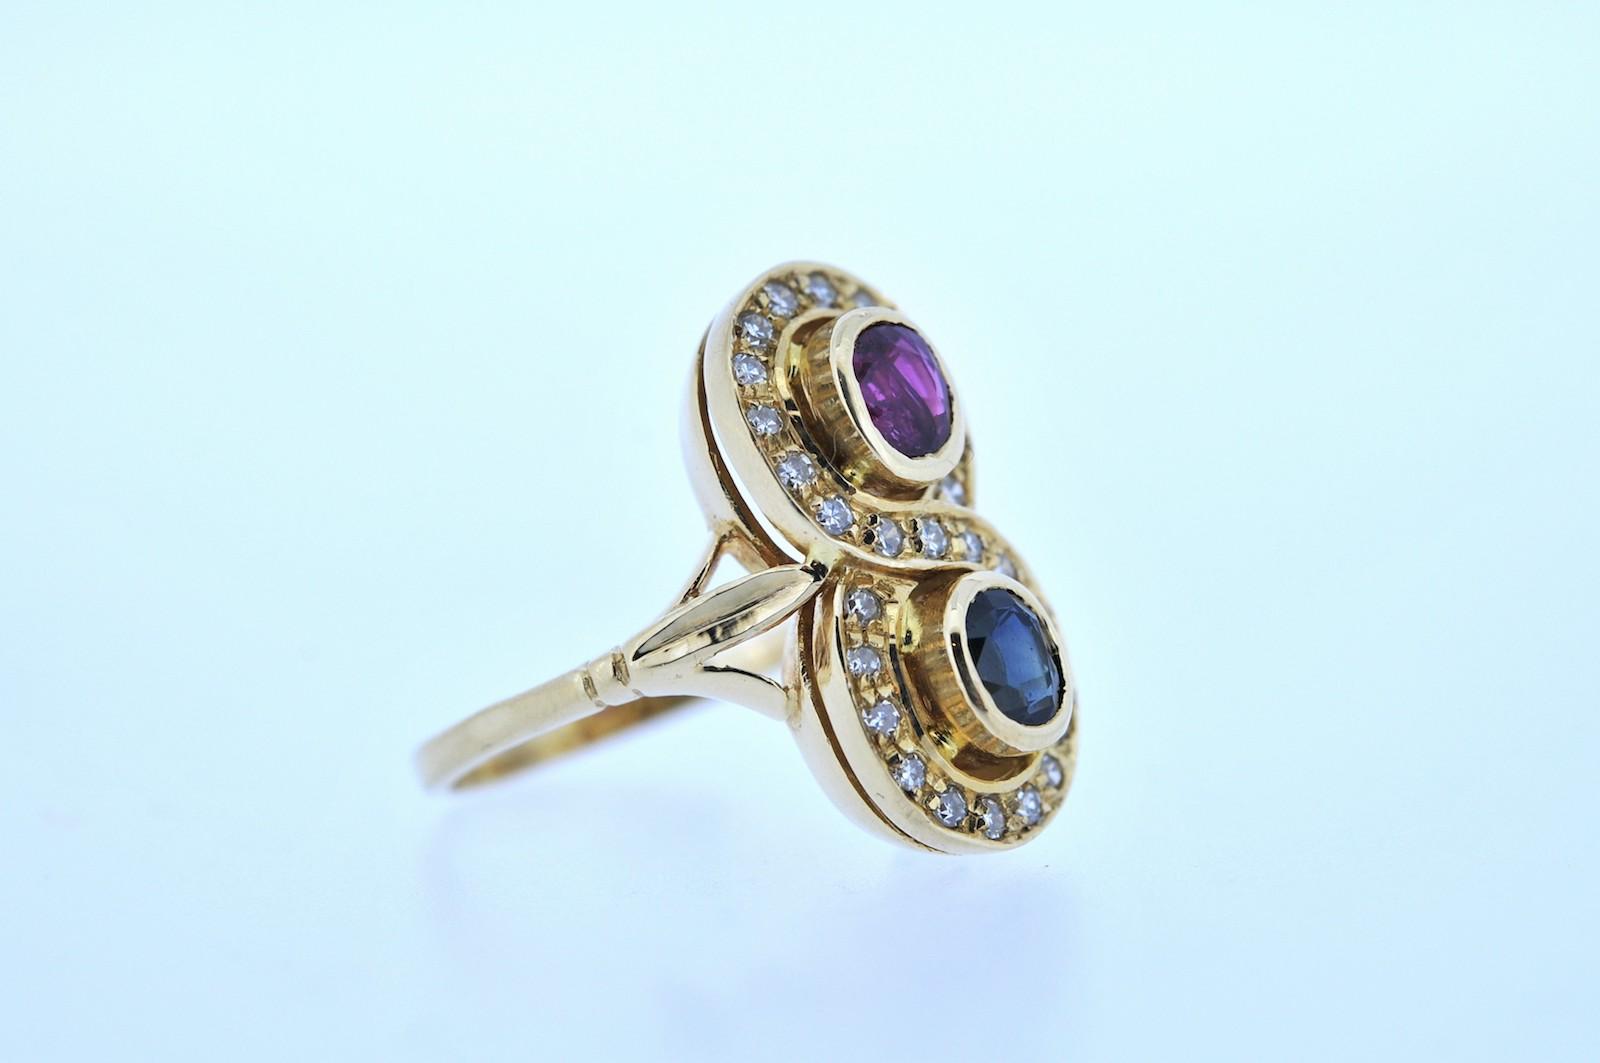 #39 Ring Image